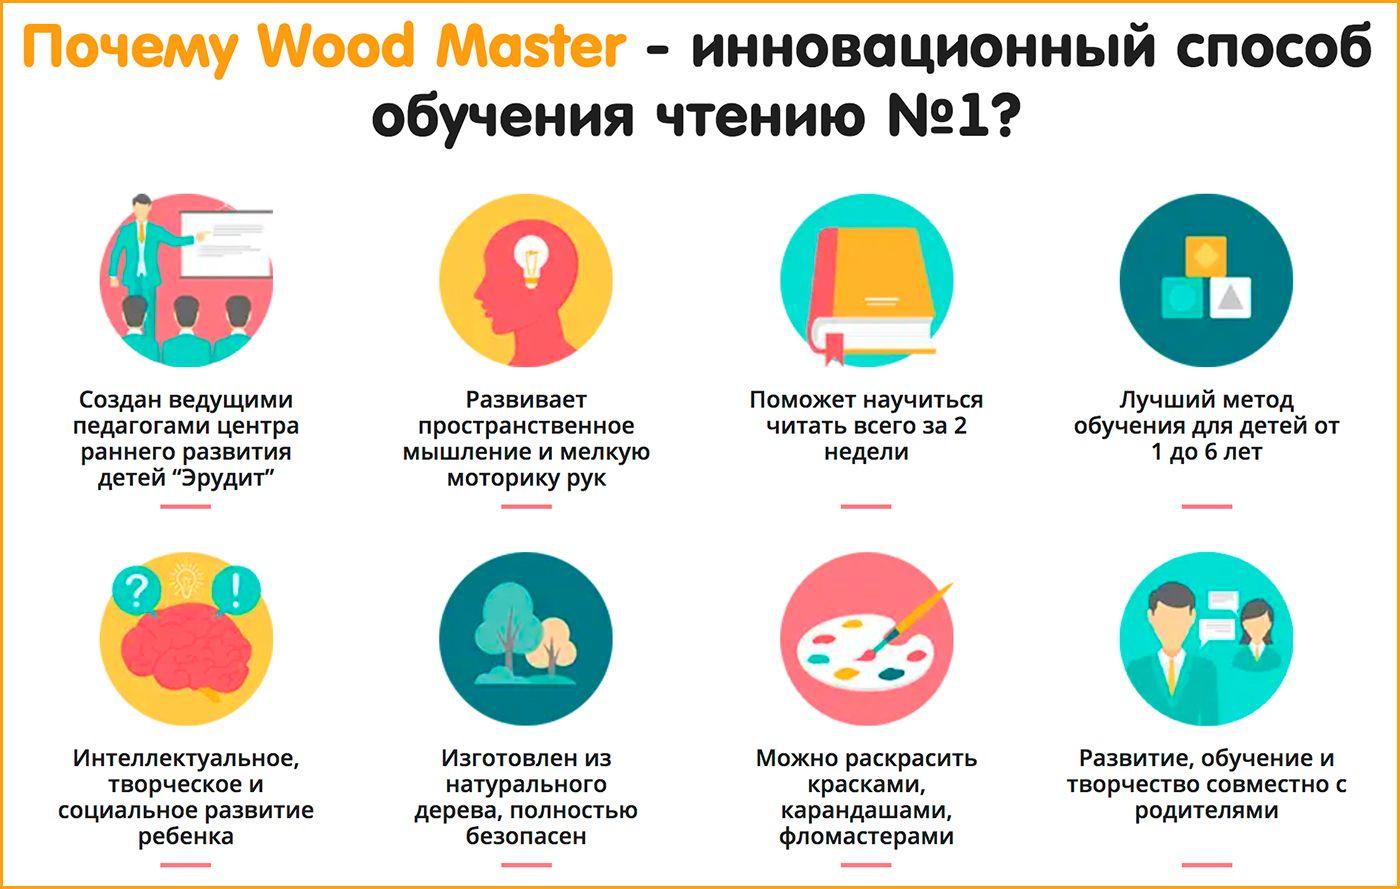 Wood Master - инновационная методика обучения чтению свойства